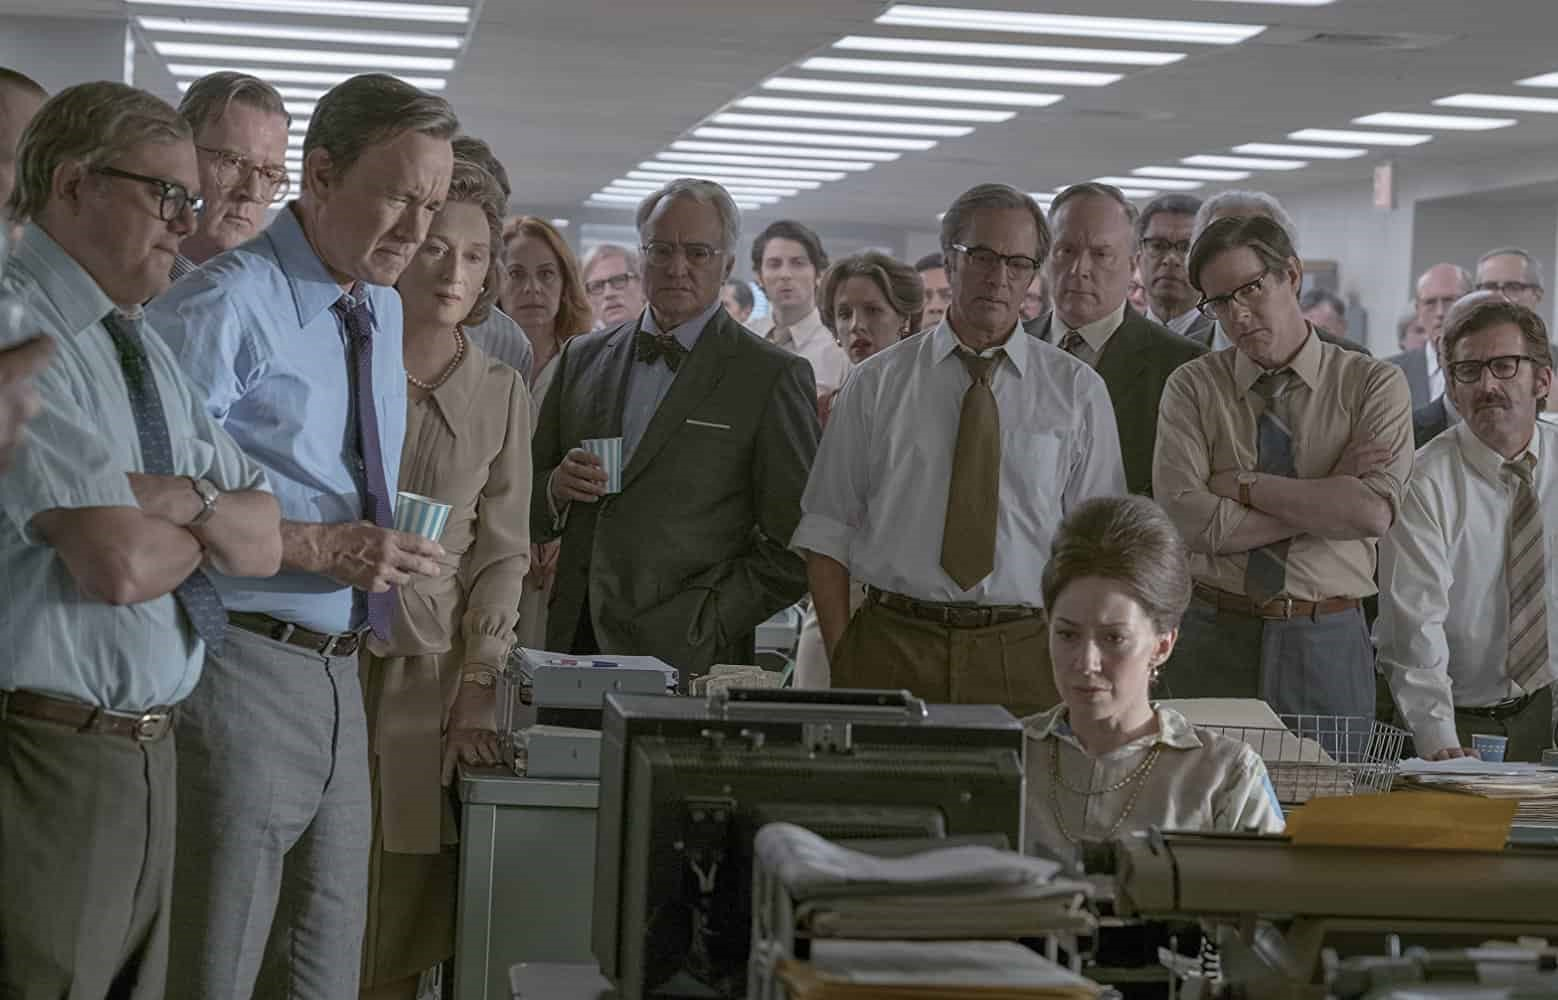 """Här kan vi se en bild på Tom Hanks och Meryl Streep tillsammans med flera journalister - ny bild på """"The Post"""""""